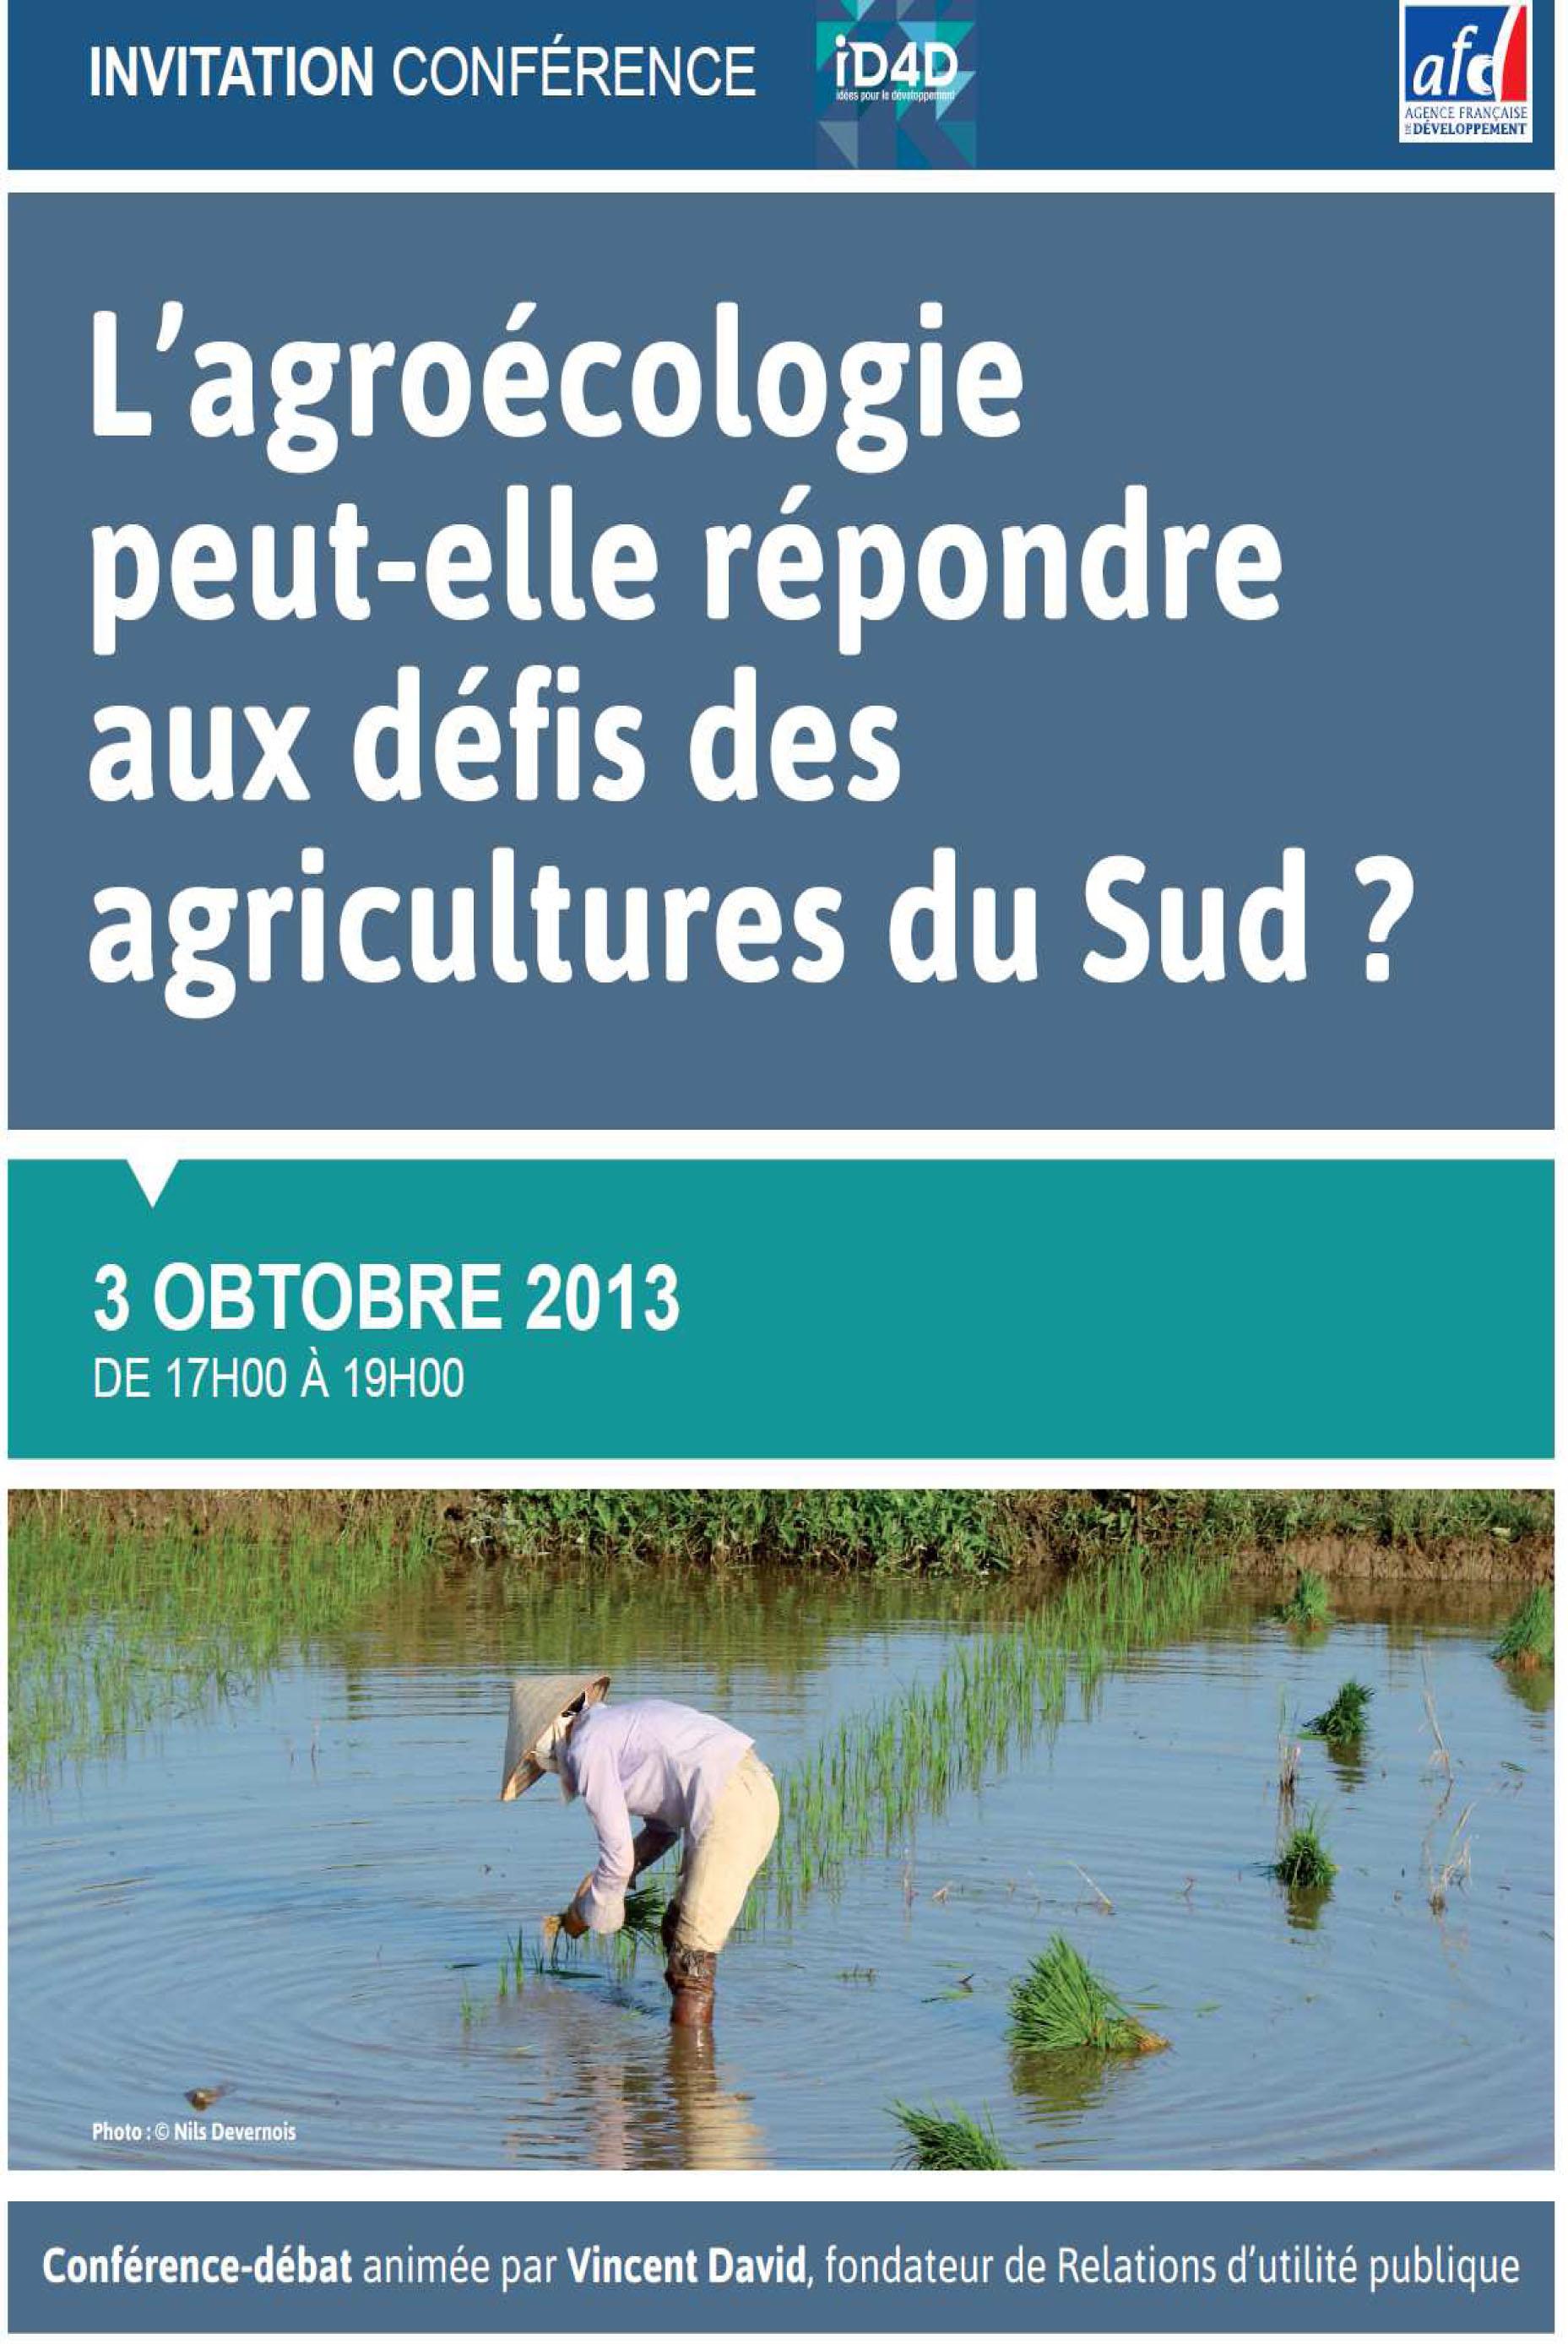 L'agroécologie peut-elle répondre aux défis des agricultures du Sud ?  Image principale